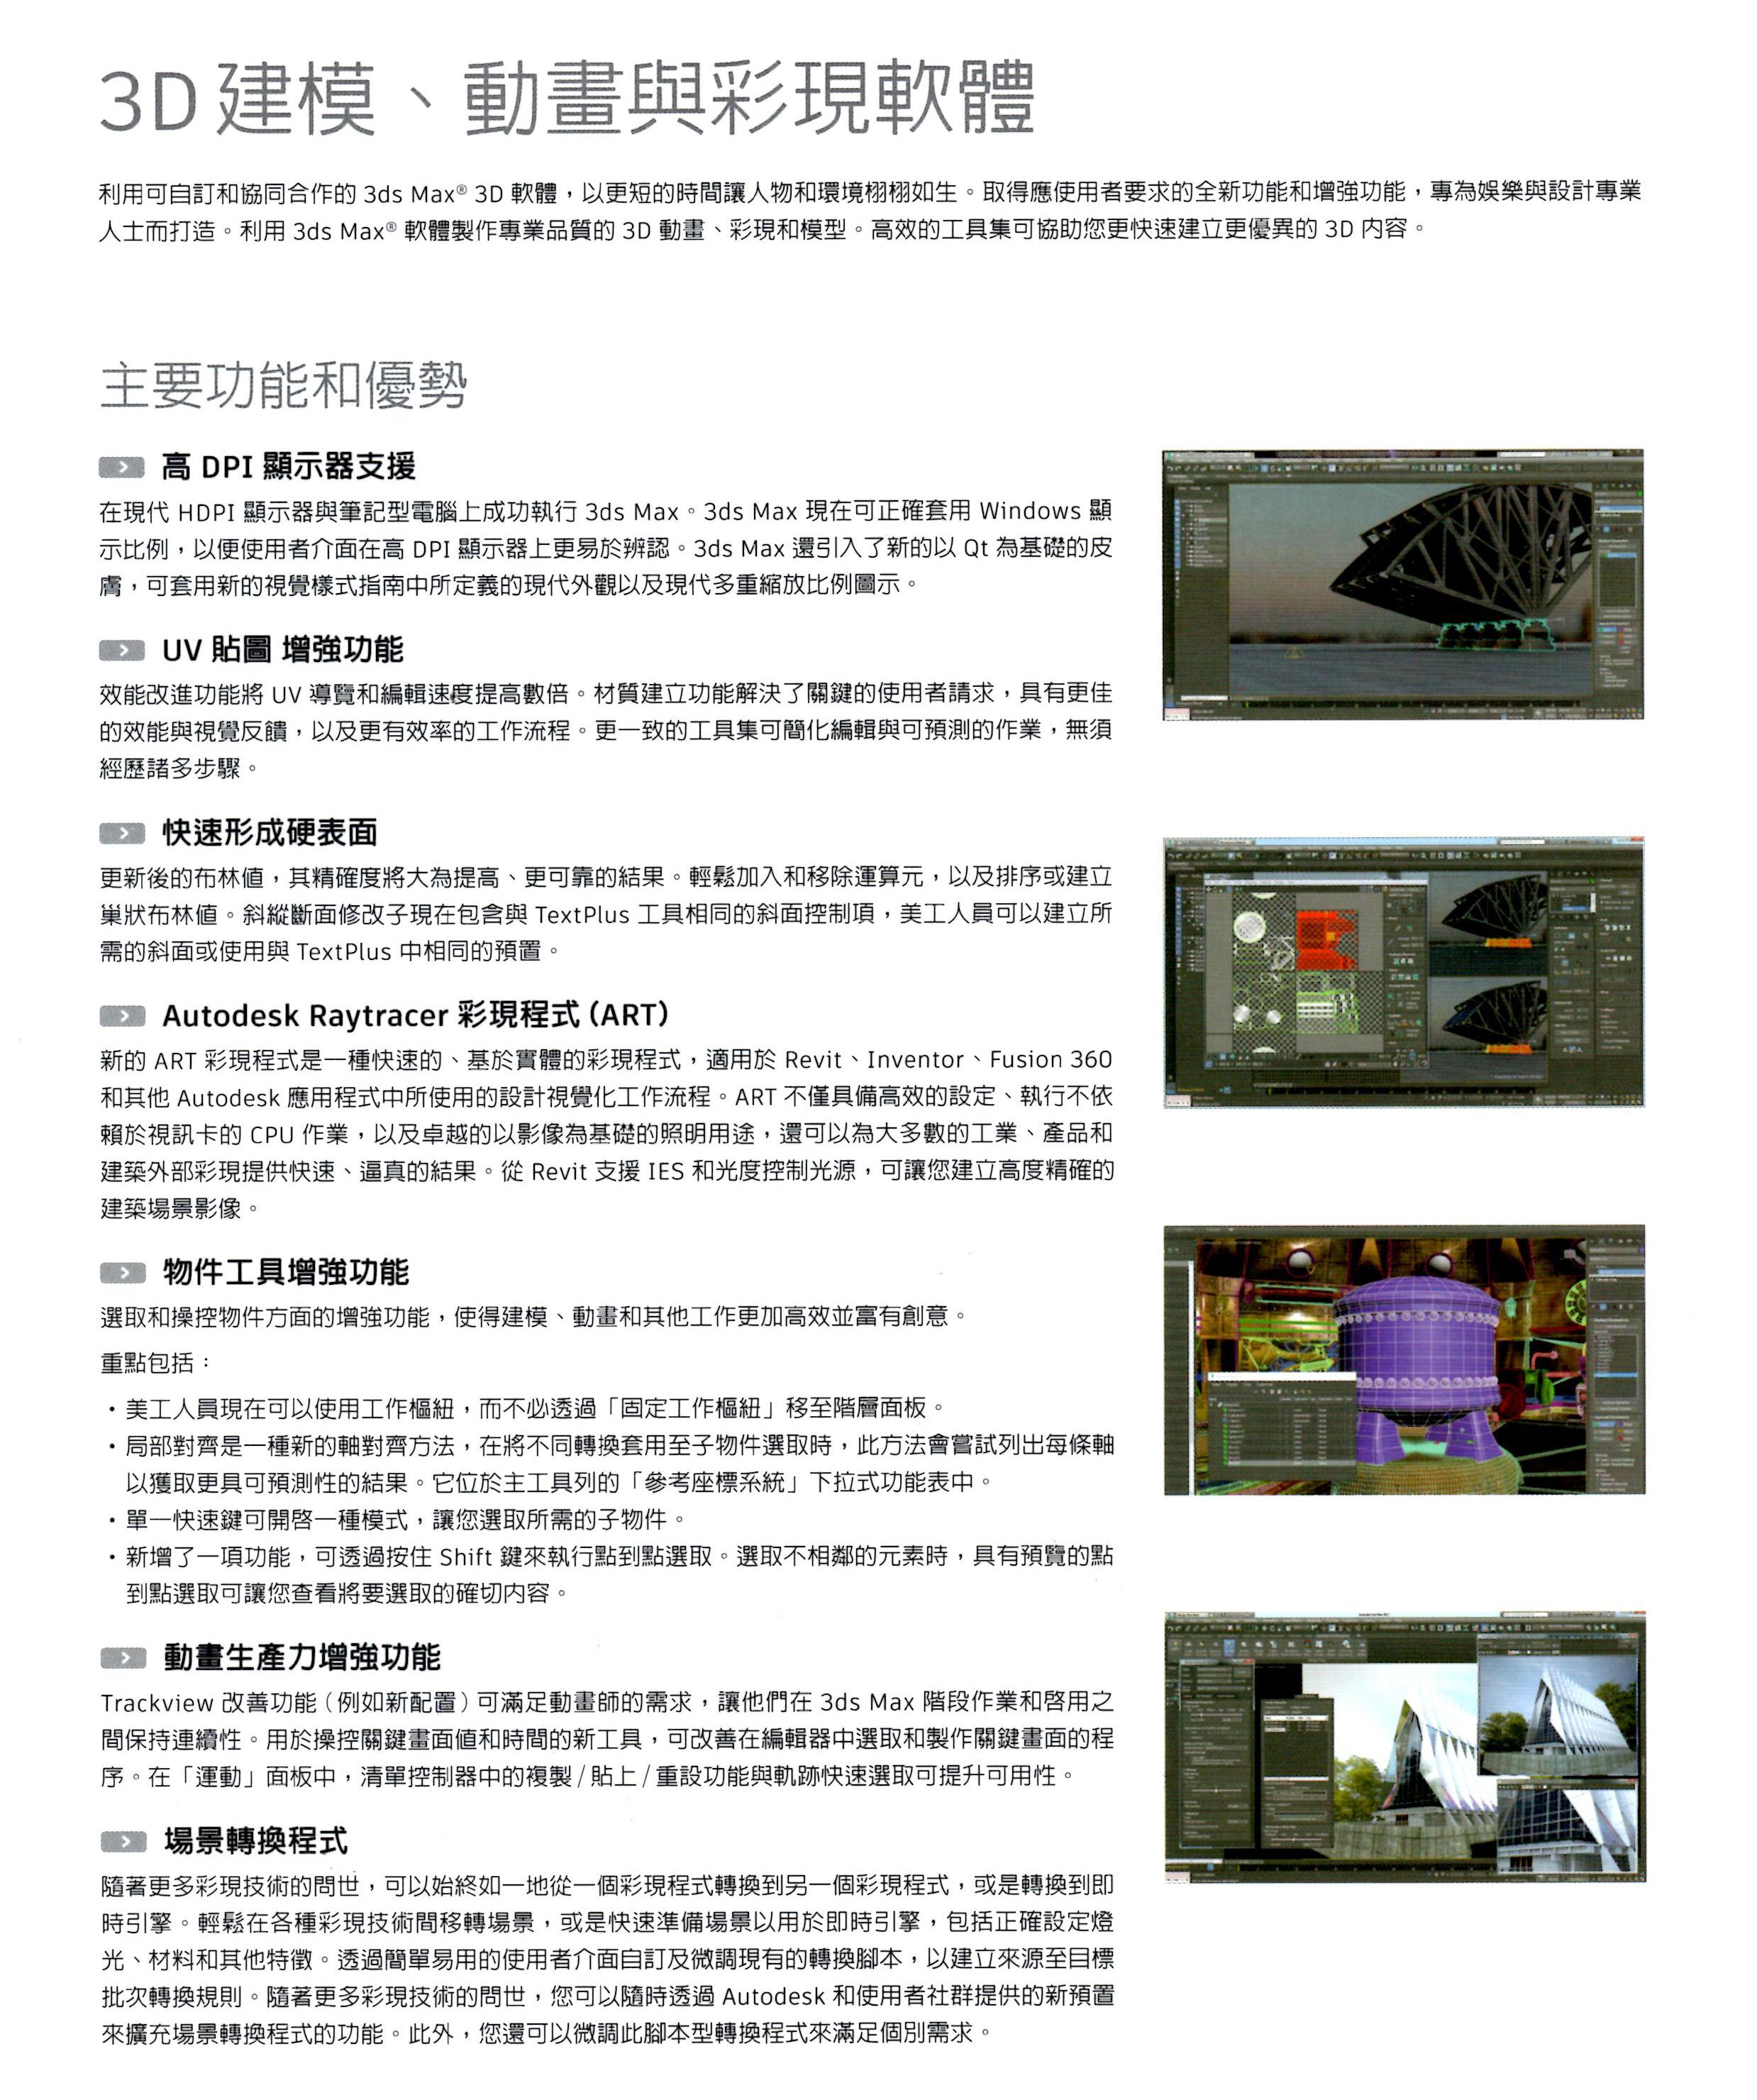 3DMAX_PAGE1_TECHEZ